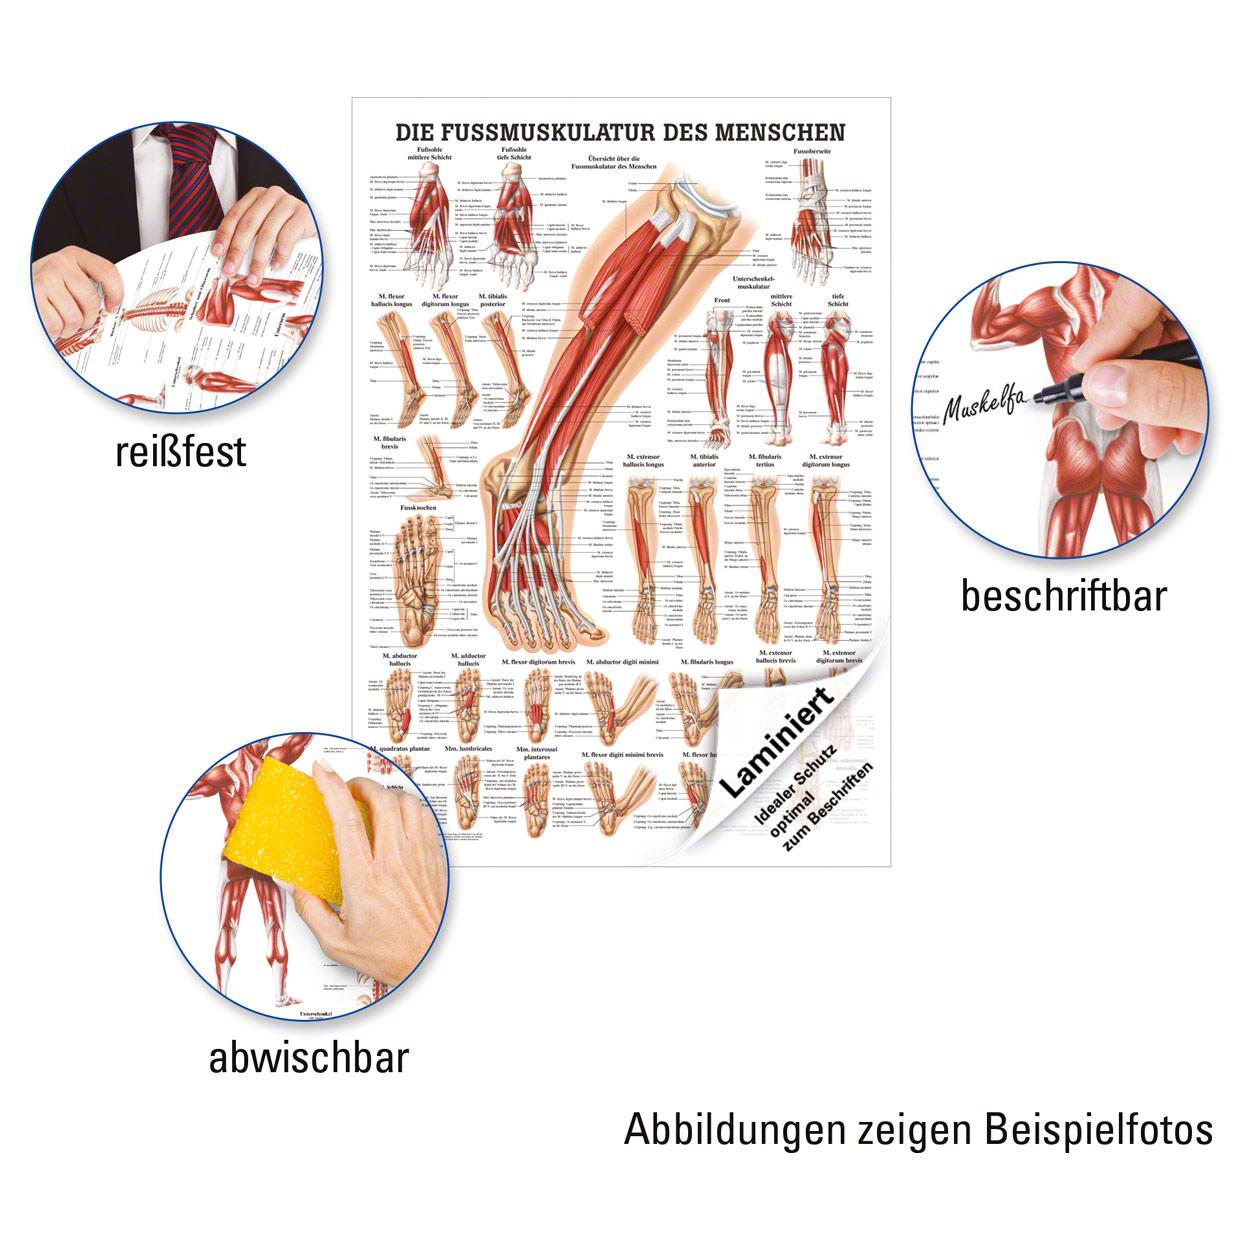 Charmant Rückenmuskel Diagramm Ideen - Menschliche Anatomie Bilder ...